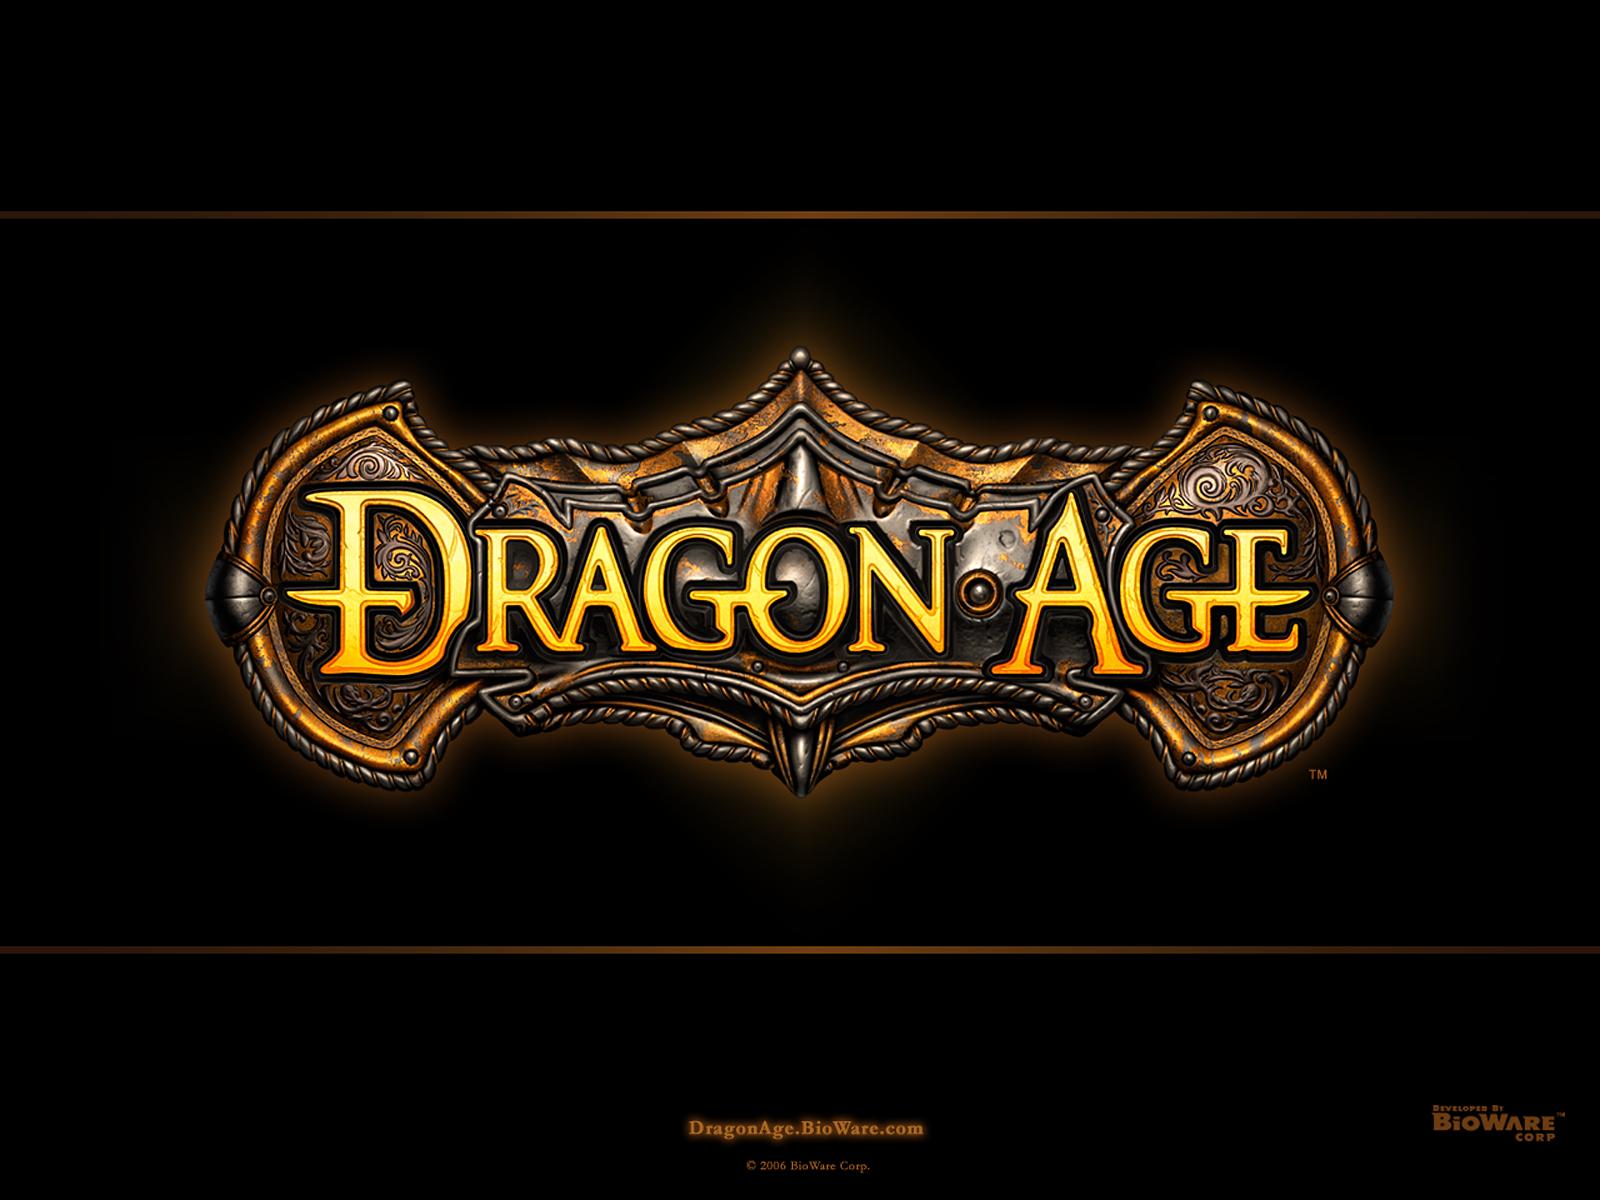 http://www.farey.cz/i/2010/02/dragon-age-logo.jpg